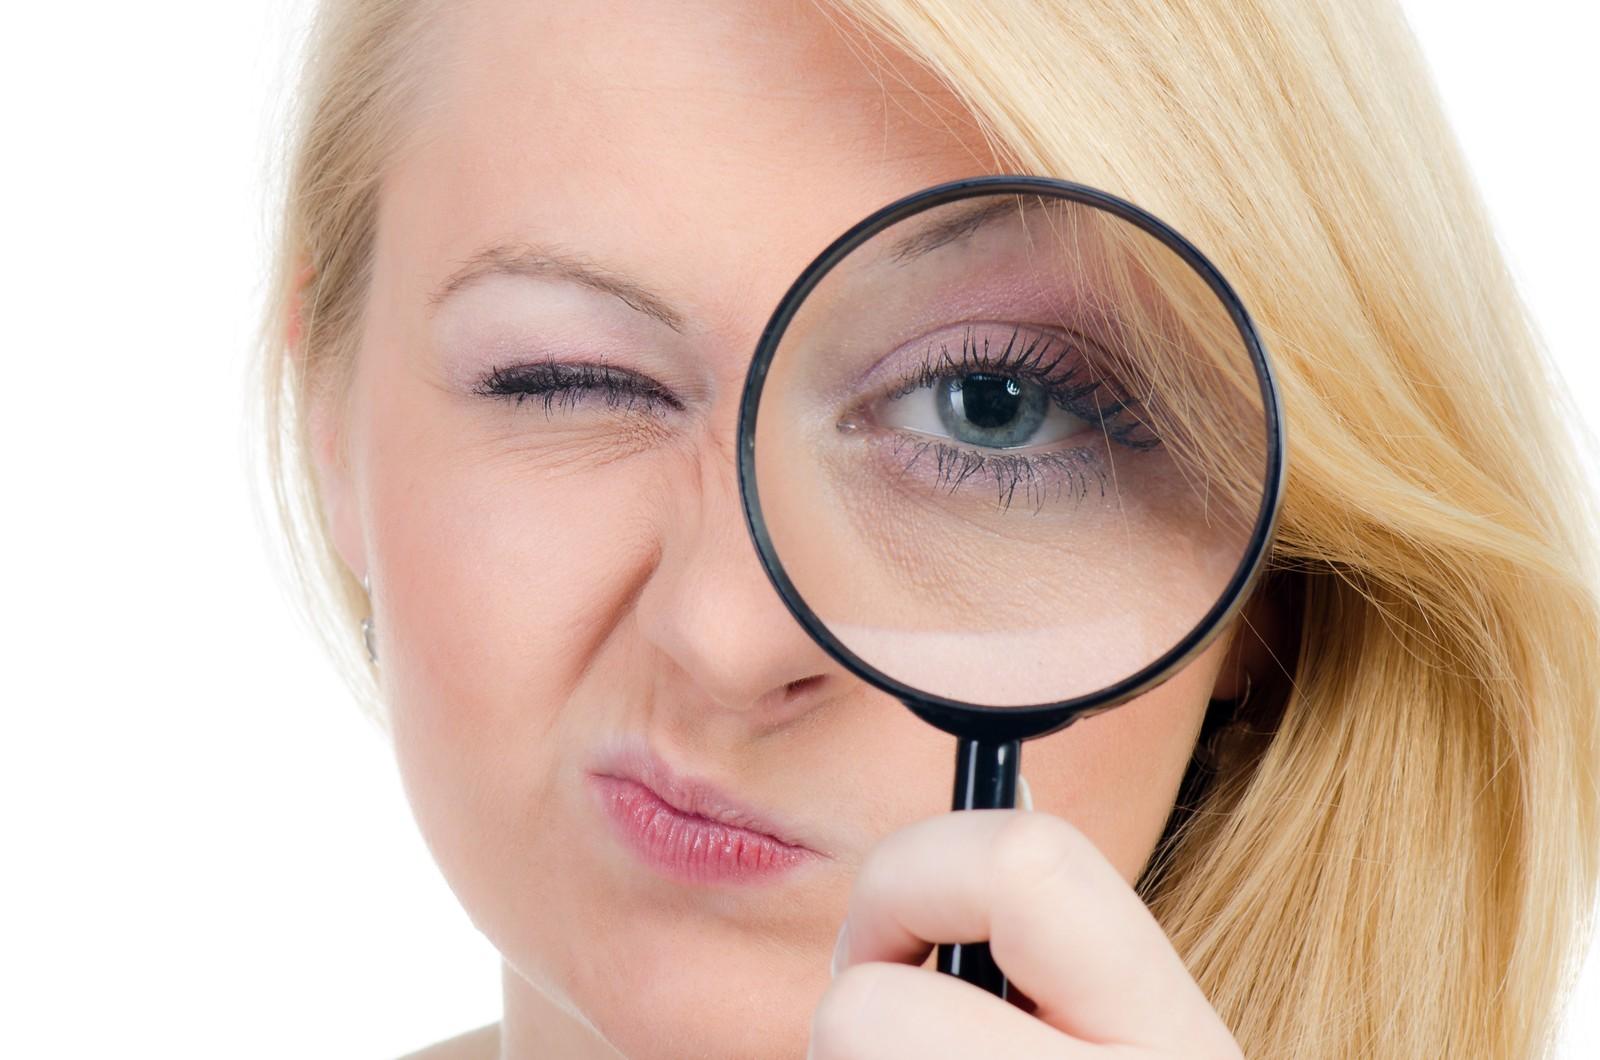 Viele Geräte, die Nutzer in der Öffentlichkeit geschäftlich verwenden, sind nicht vor neugierigen Blicken geschützt.